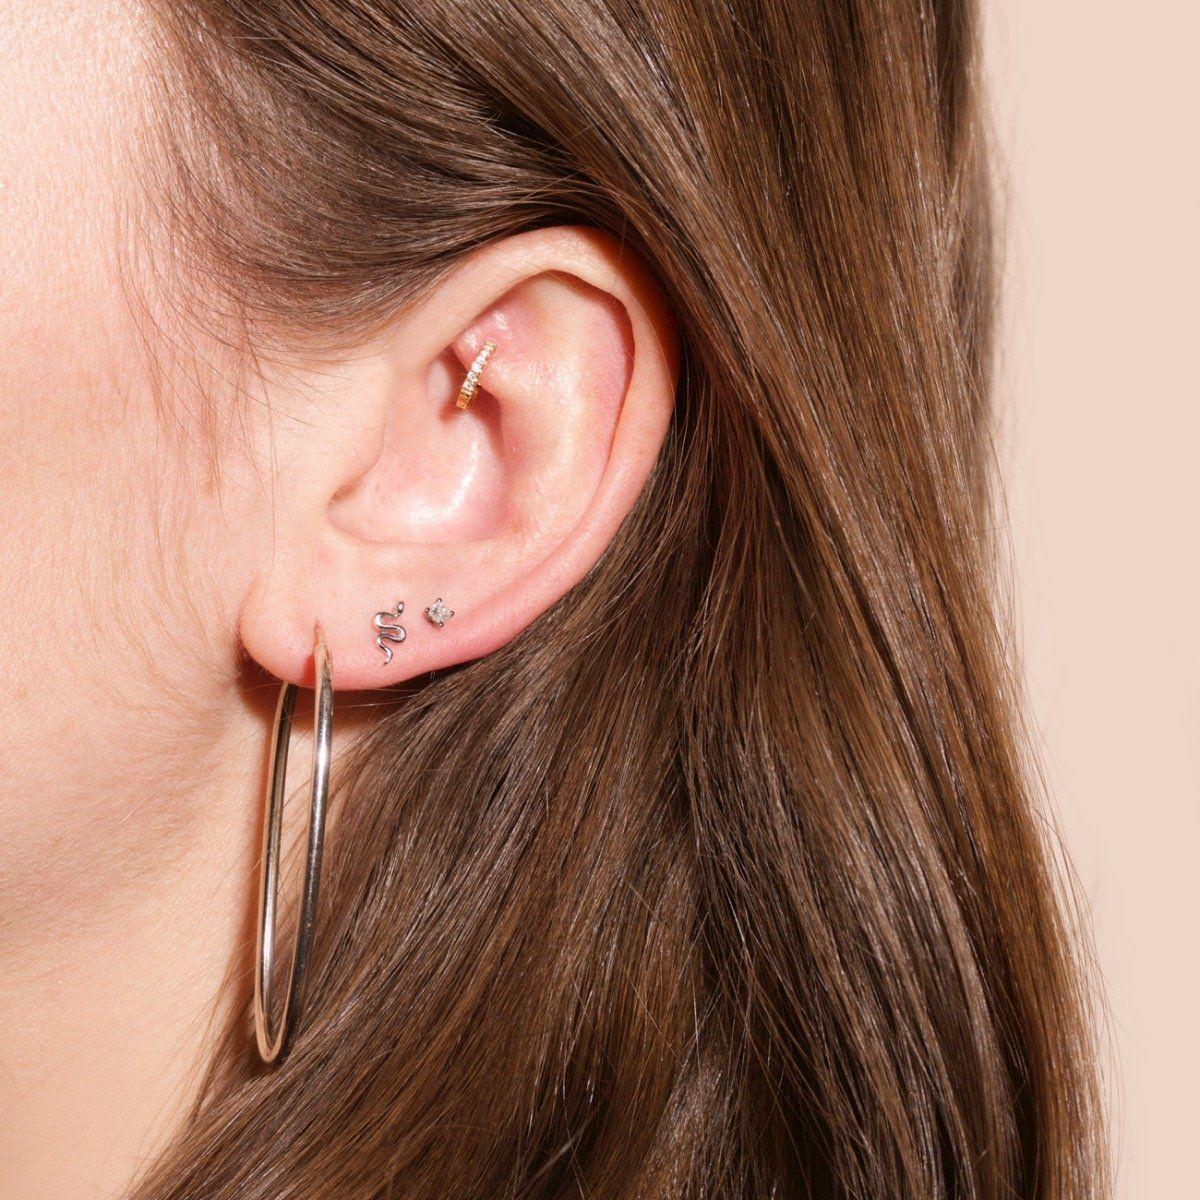 d660ffb10 Tiny Silver Snake Earrings in 2019 | BLING BLING | Earrings, Snake ...